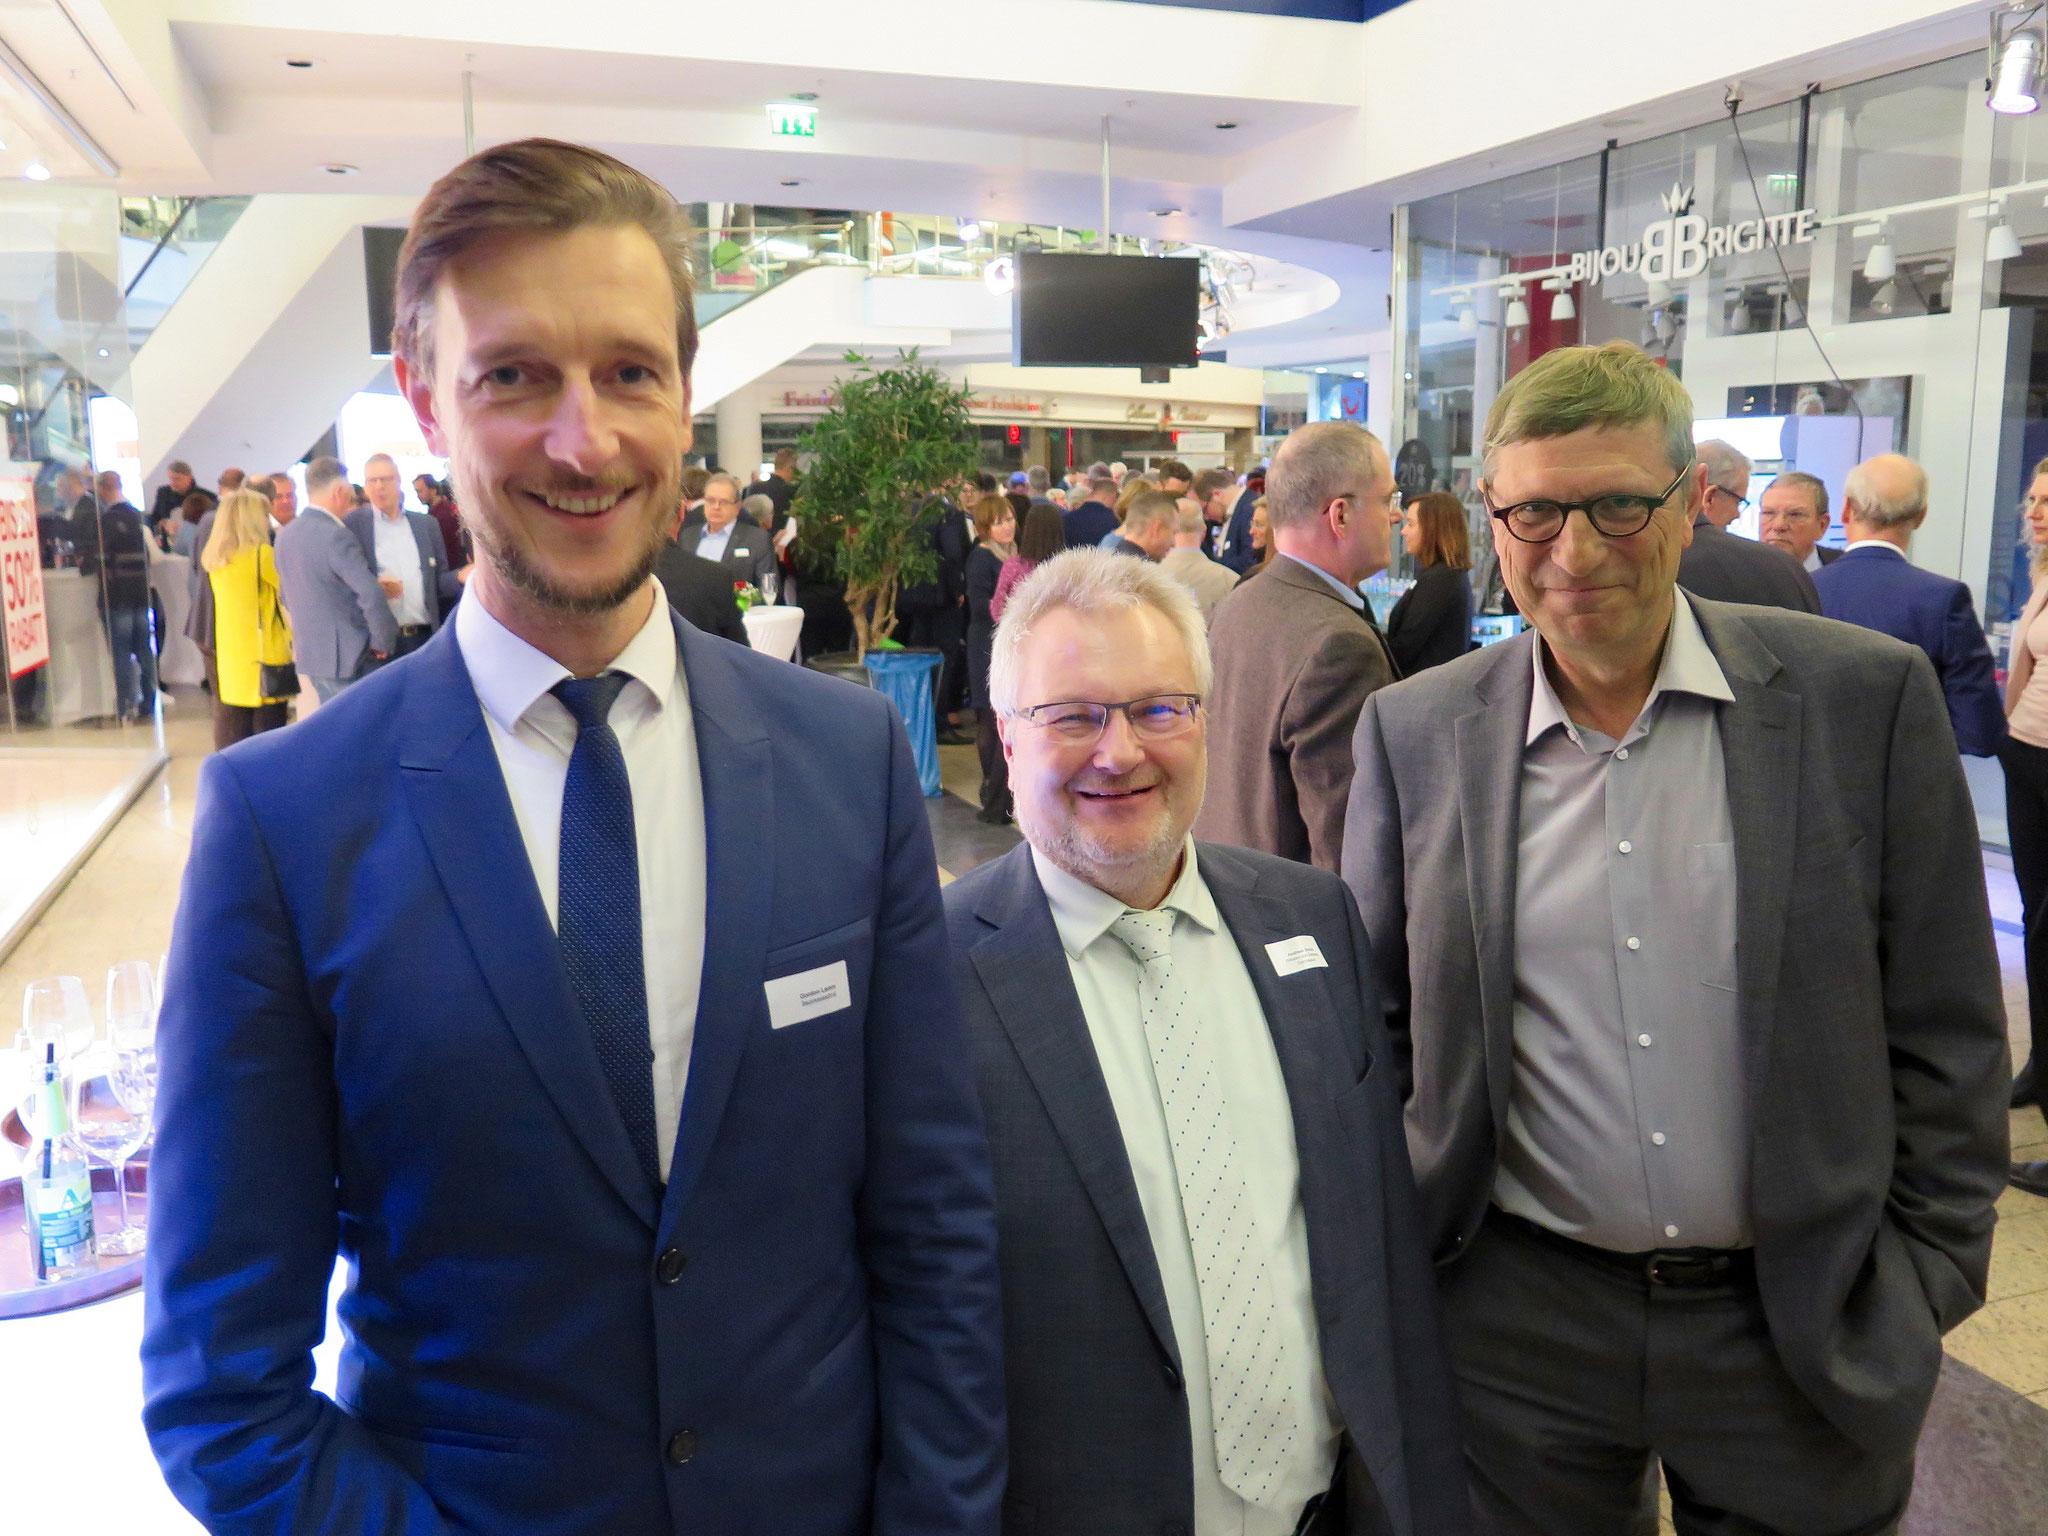 Bezirksstadtrat Gordon Lemm (SPD) mit dem Schulleiter des Wilhelm-von-Siemens-Gymnasiums, Andreas Schulz, und Dr. Oleg Peters, Leiter Standortmarketing Marzahn-Hellersdorf